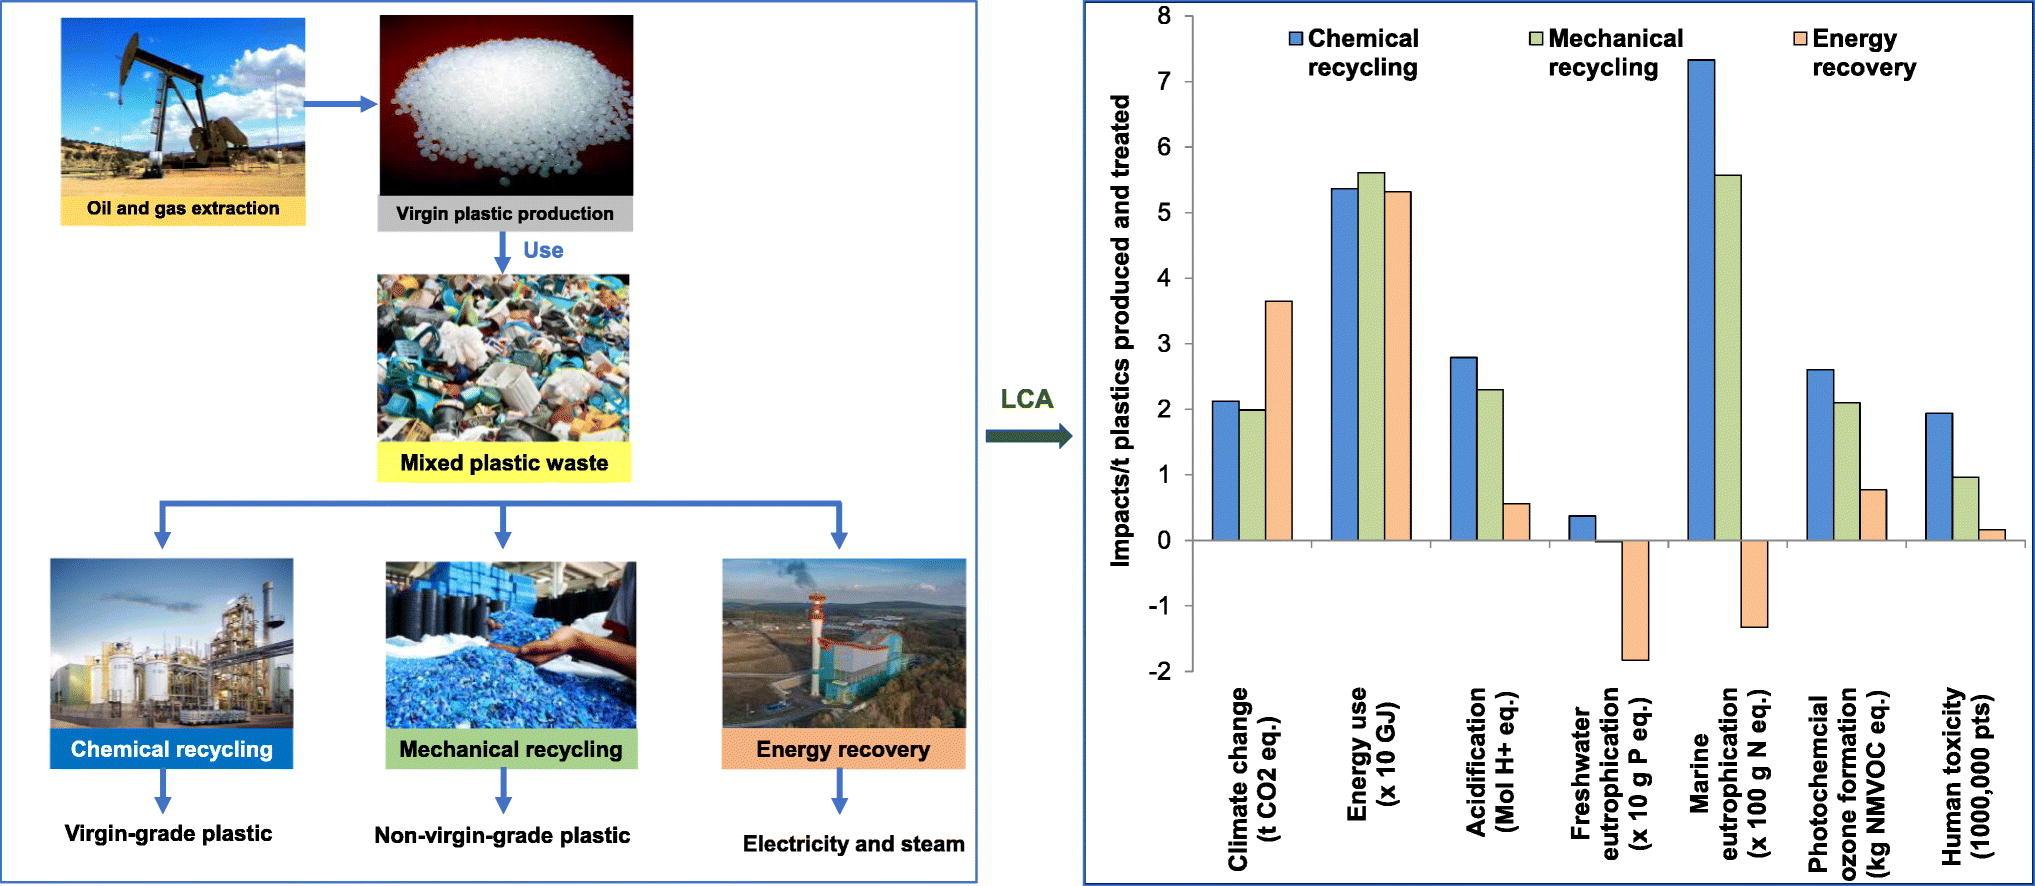 ACV del reciclaje químico y reciclaje mecánico